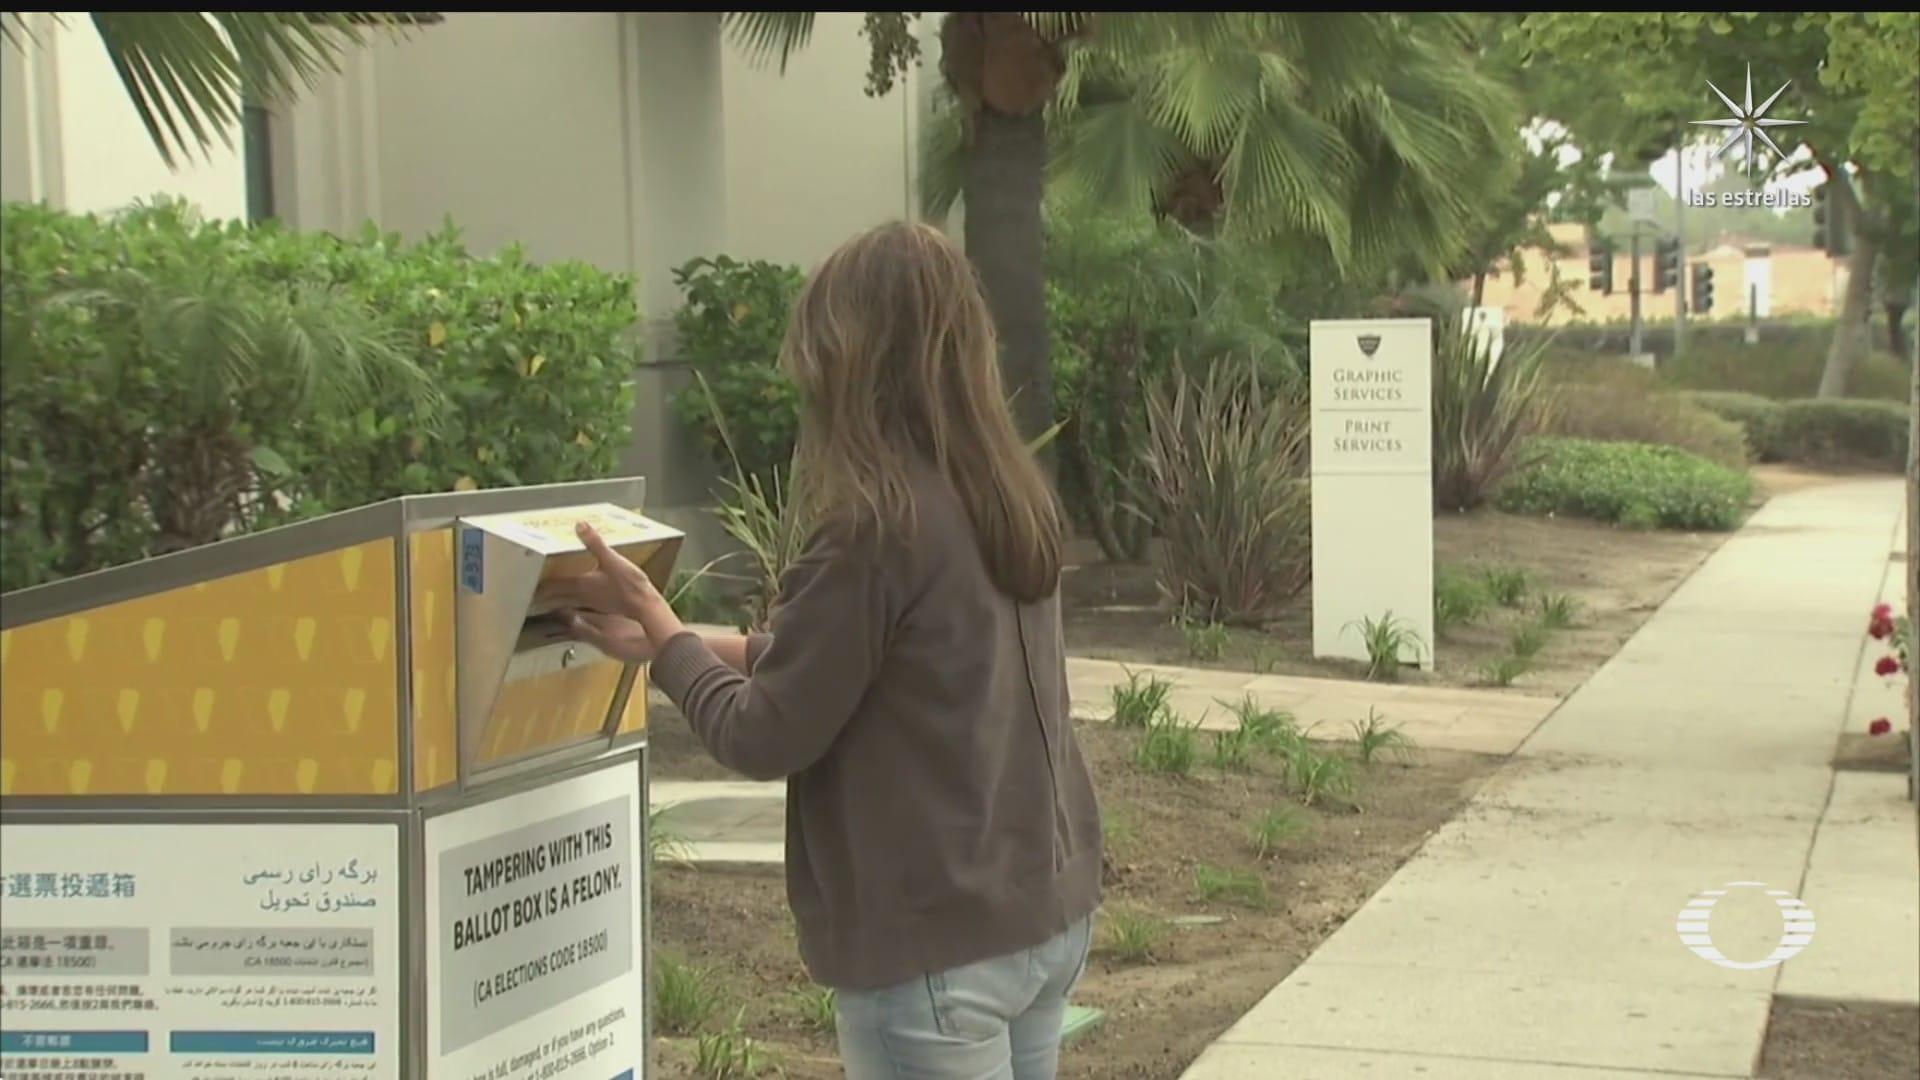 concluye eleccion revocatoria de mandato contra el gobernador de california